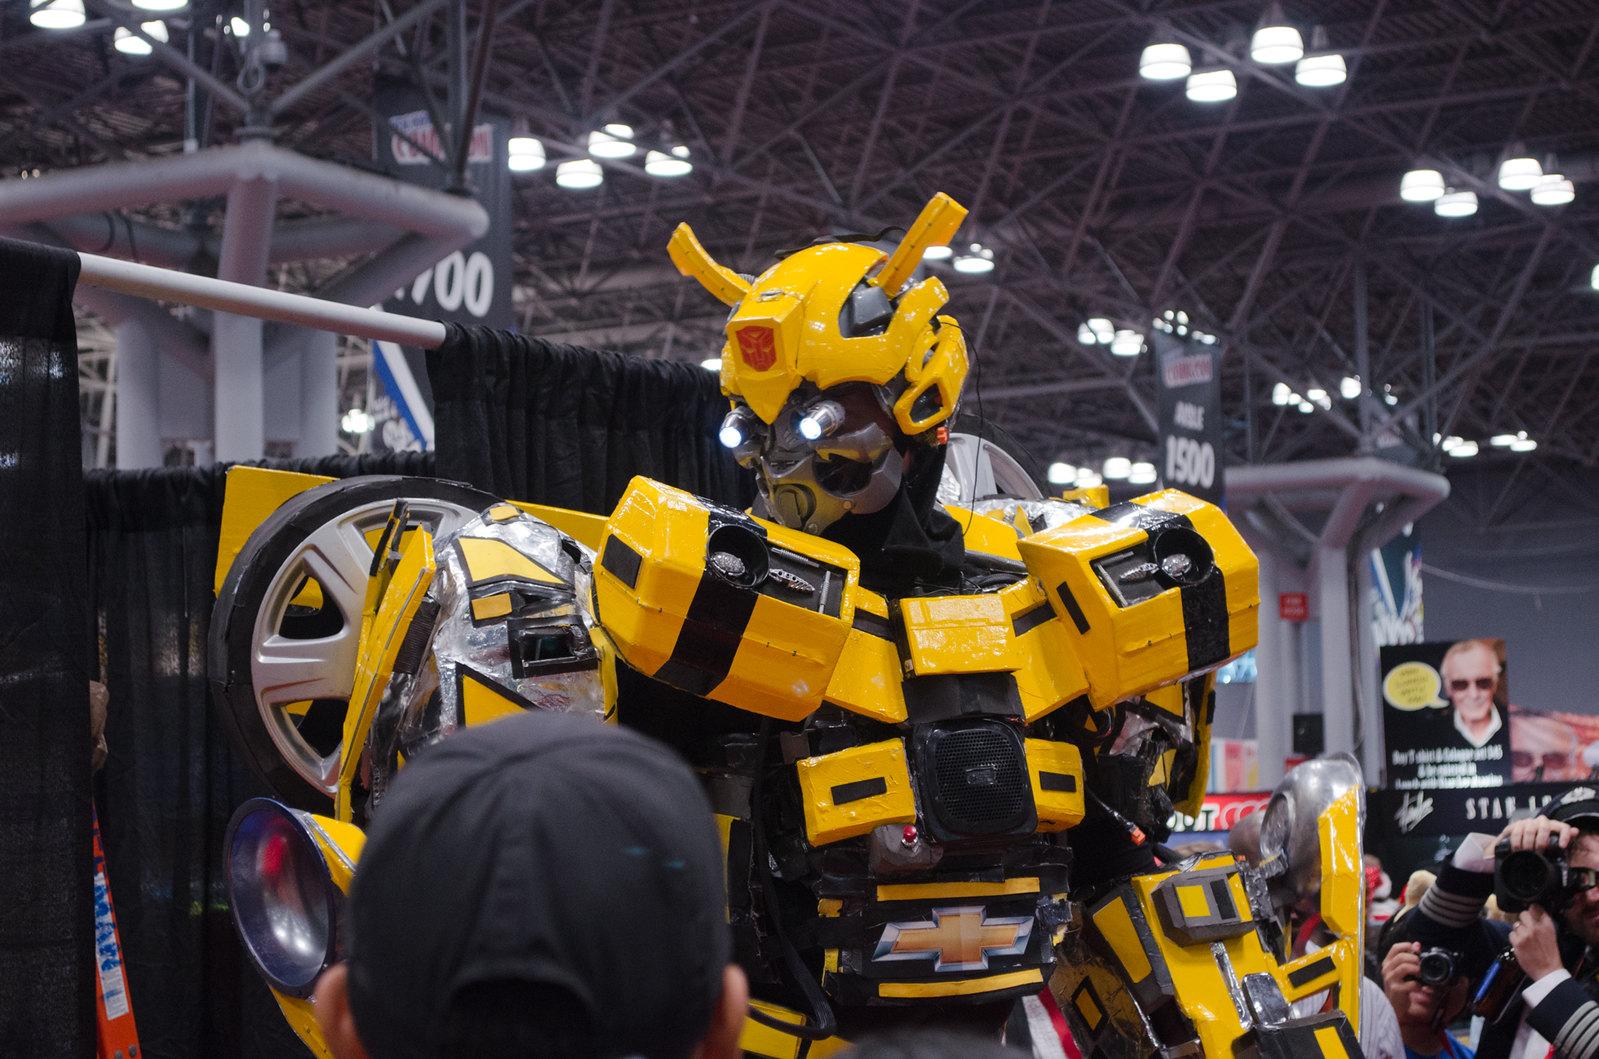 Bumblebee Cosplay NYCC 2013